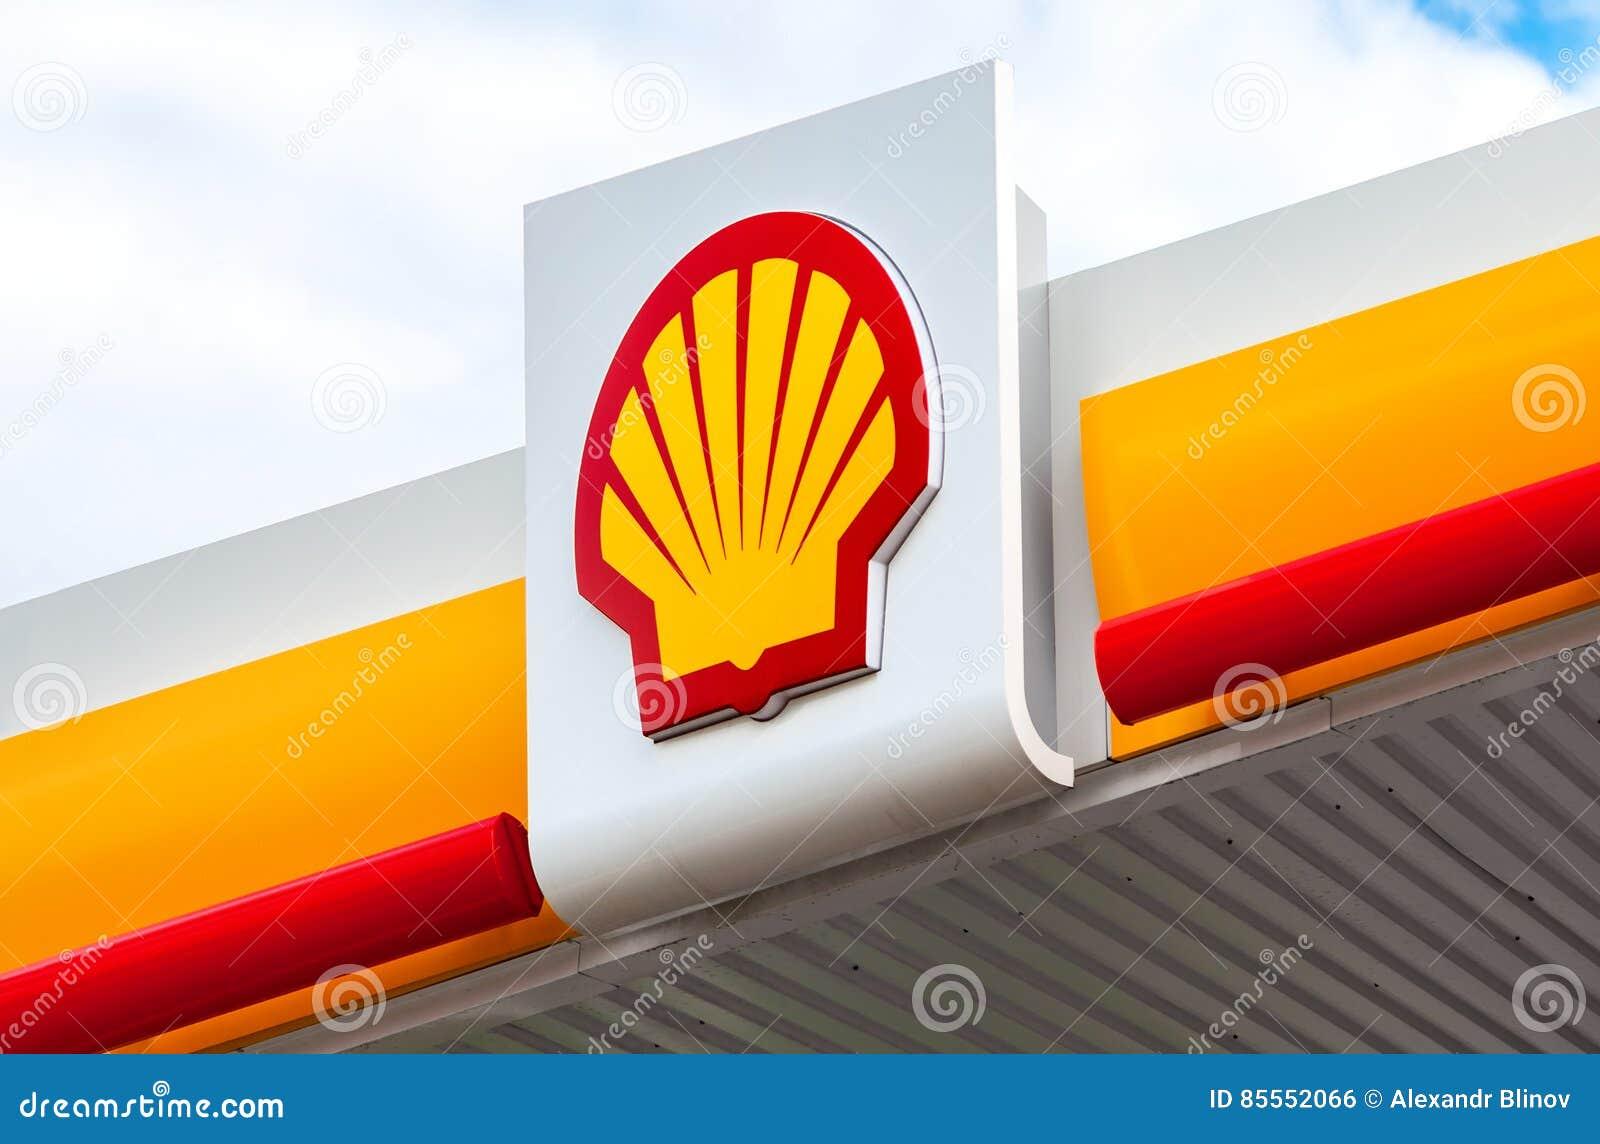 Das Emblem des Royal Dutch Shell Ölkonzerns